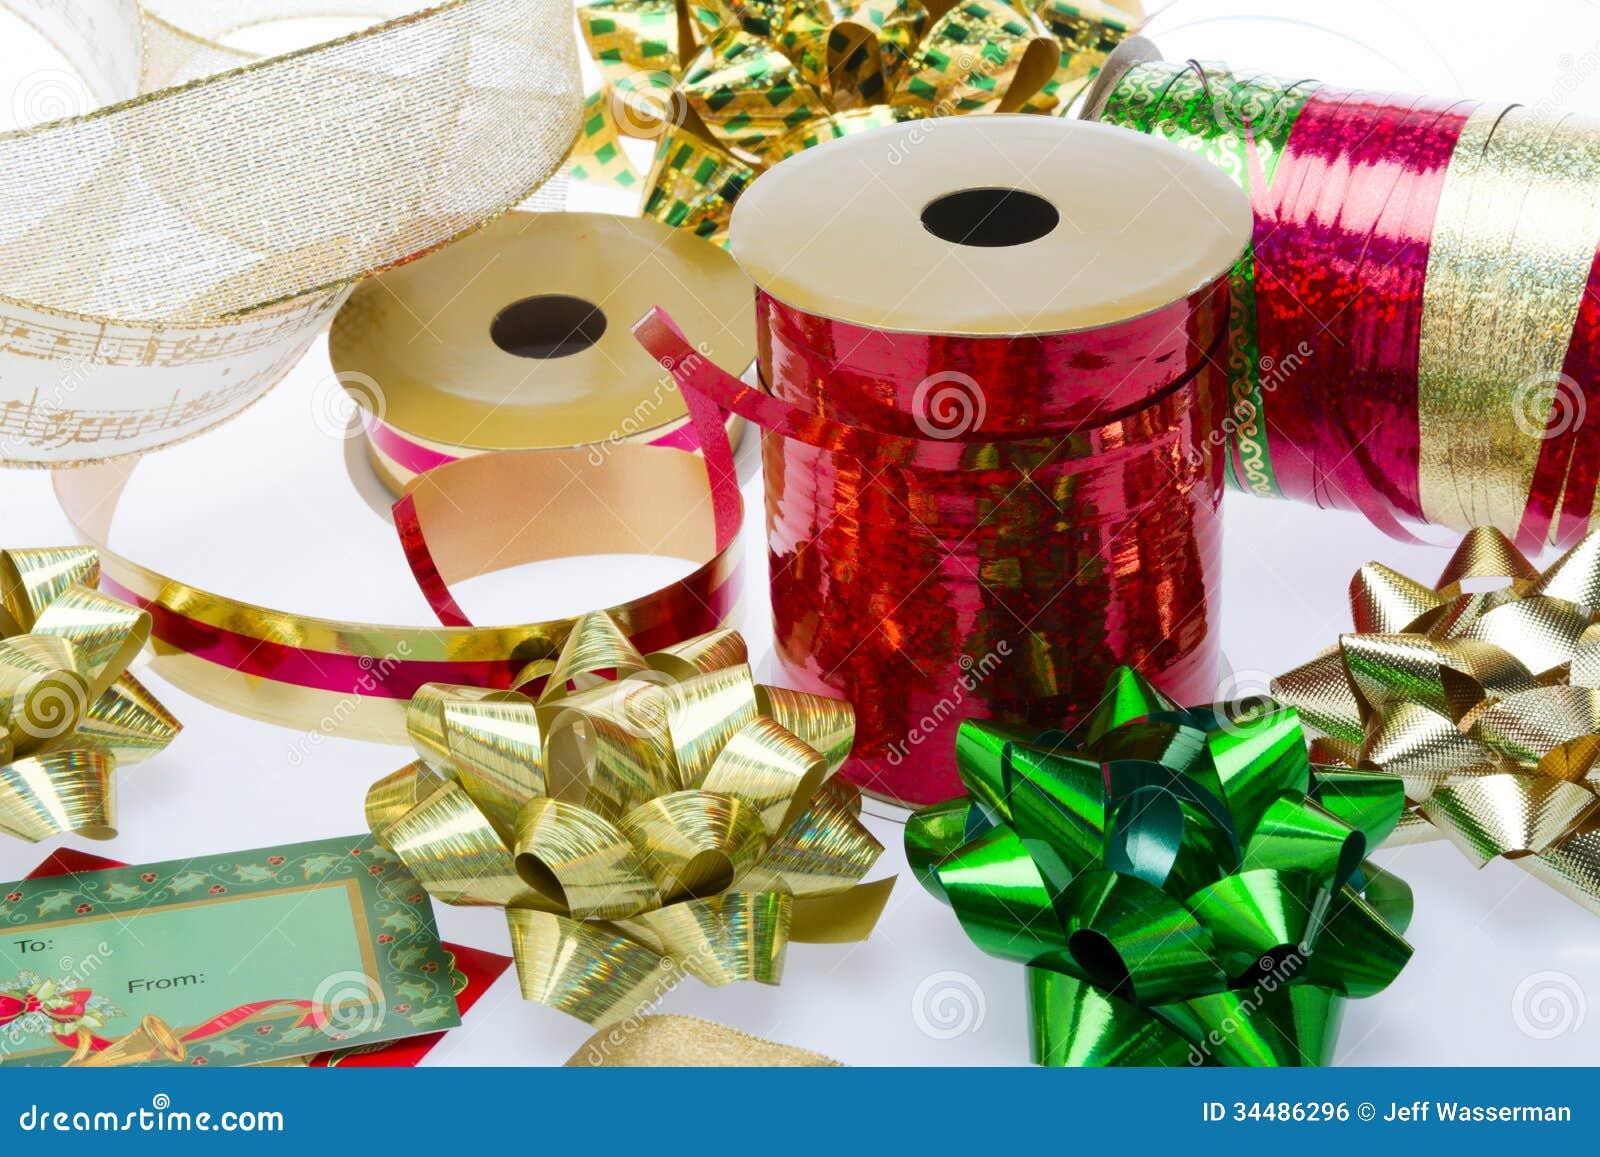 Christmas bows and ribbon royalty free stock image